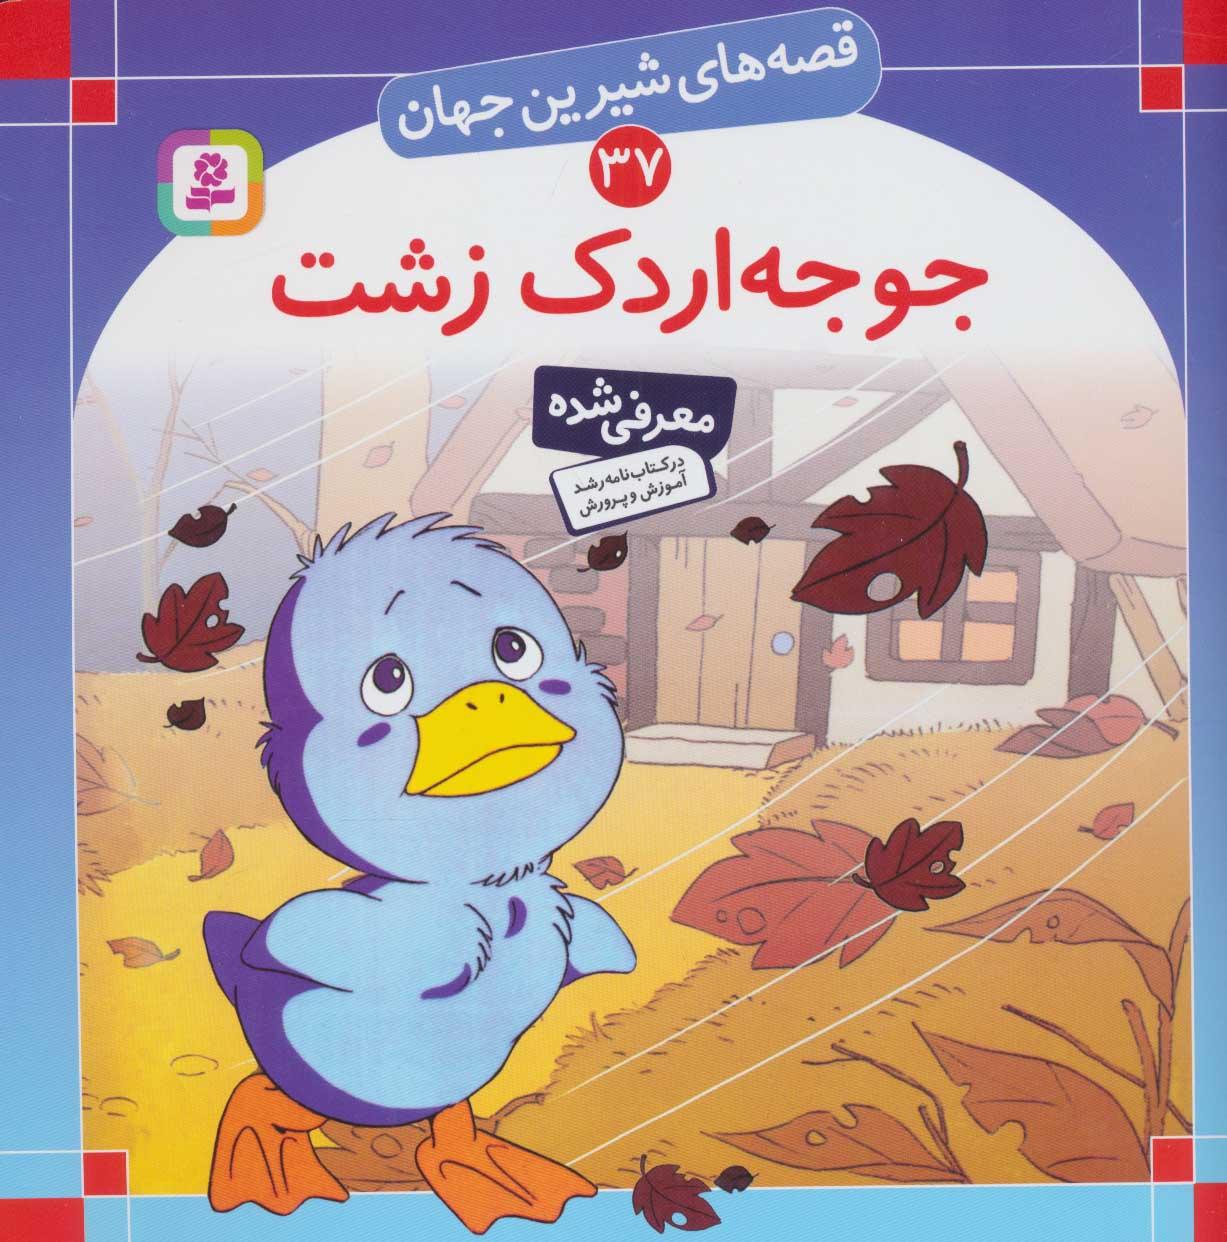 قصه های شیرین جهان37 (جوجه اردک زشت)،(گلاسه)